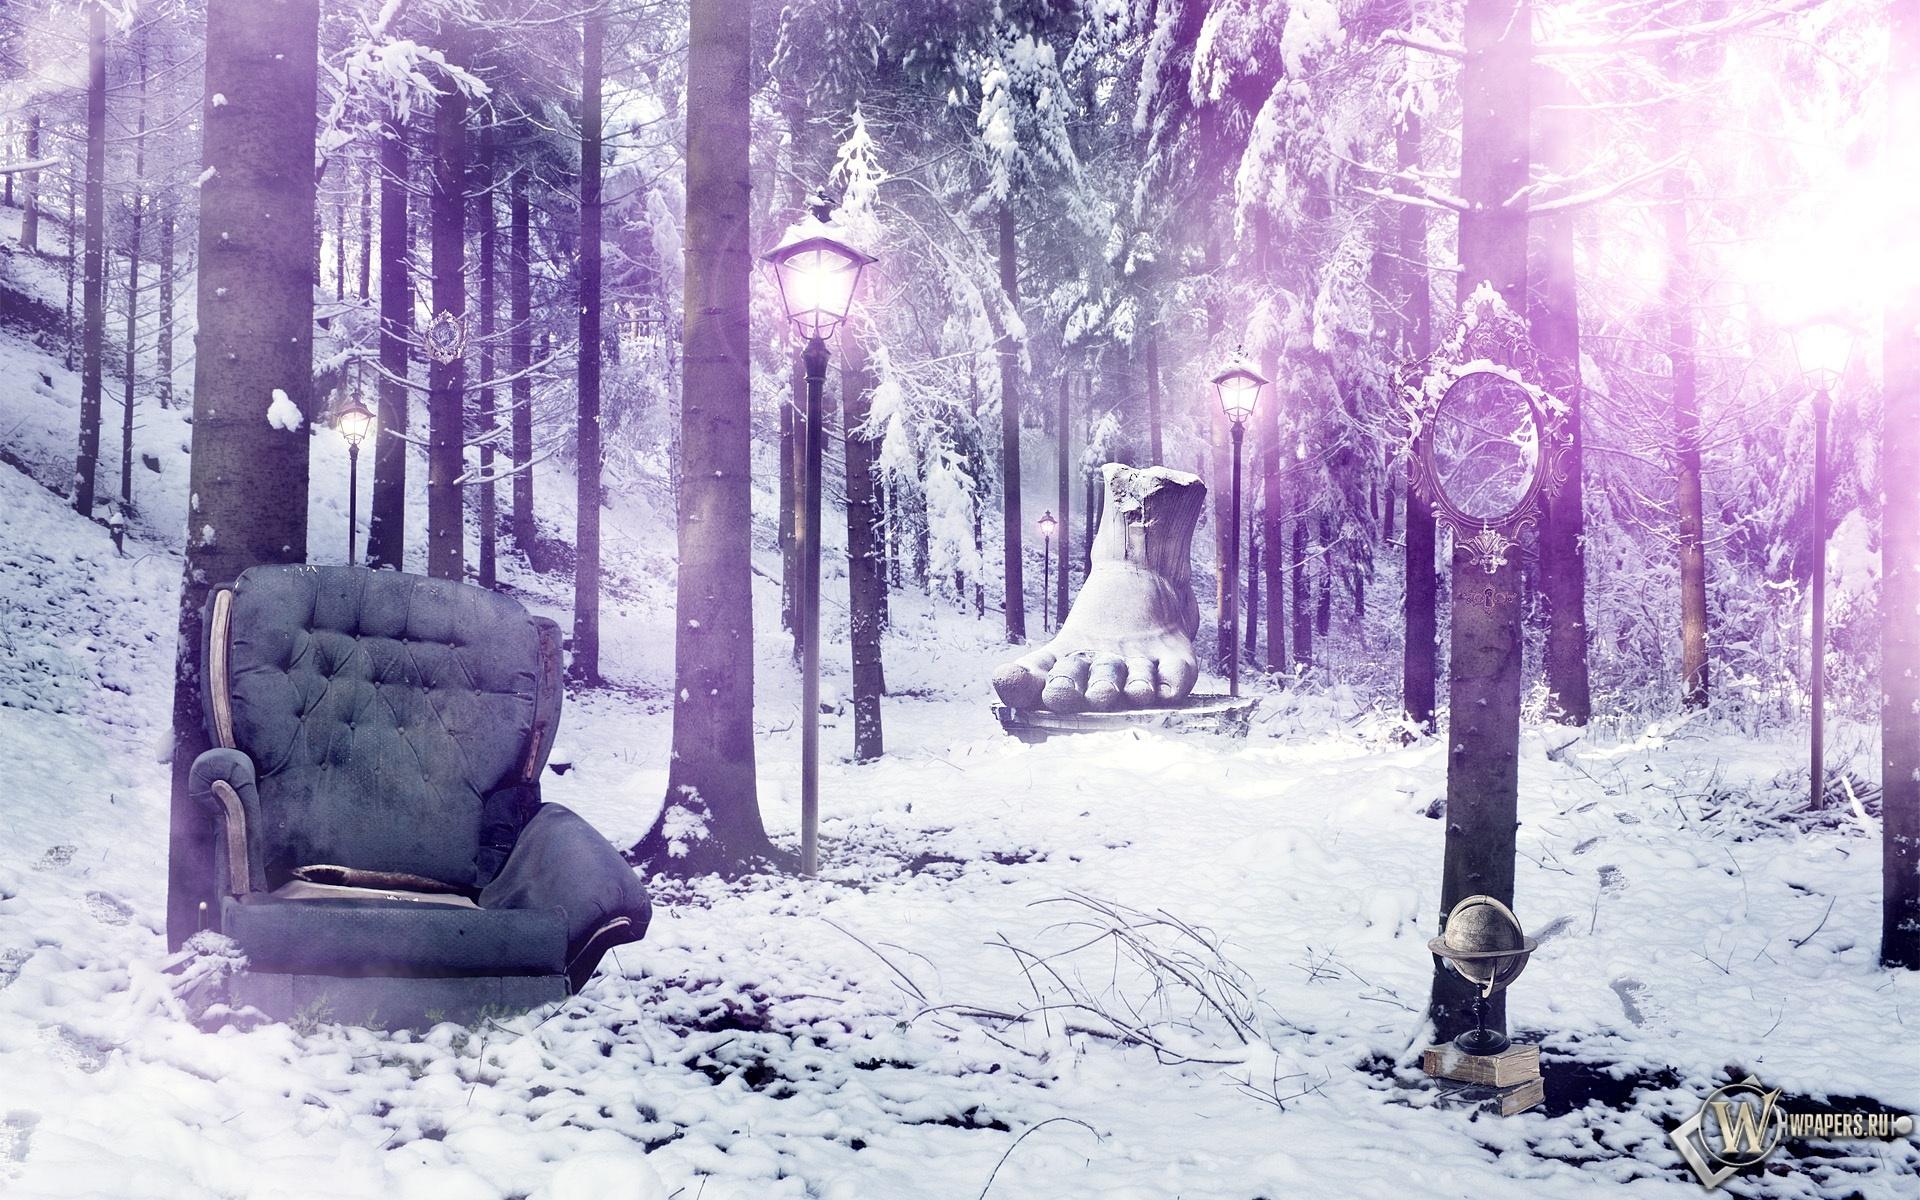 Кресло в лесу 1920x1200